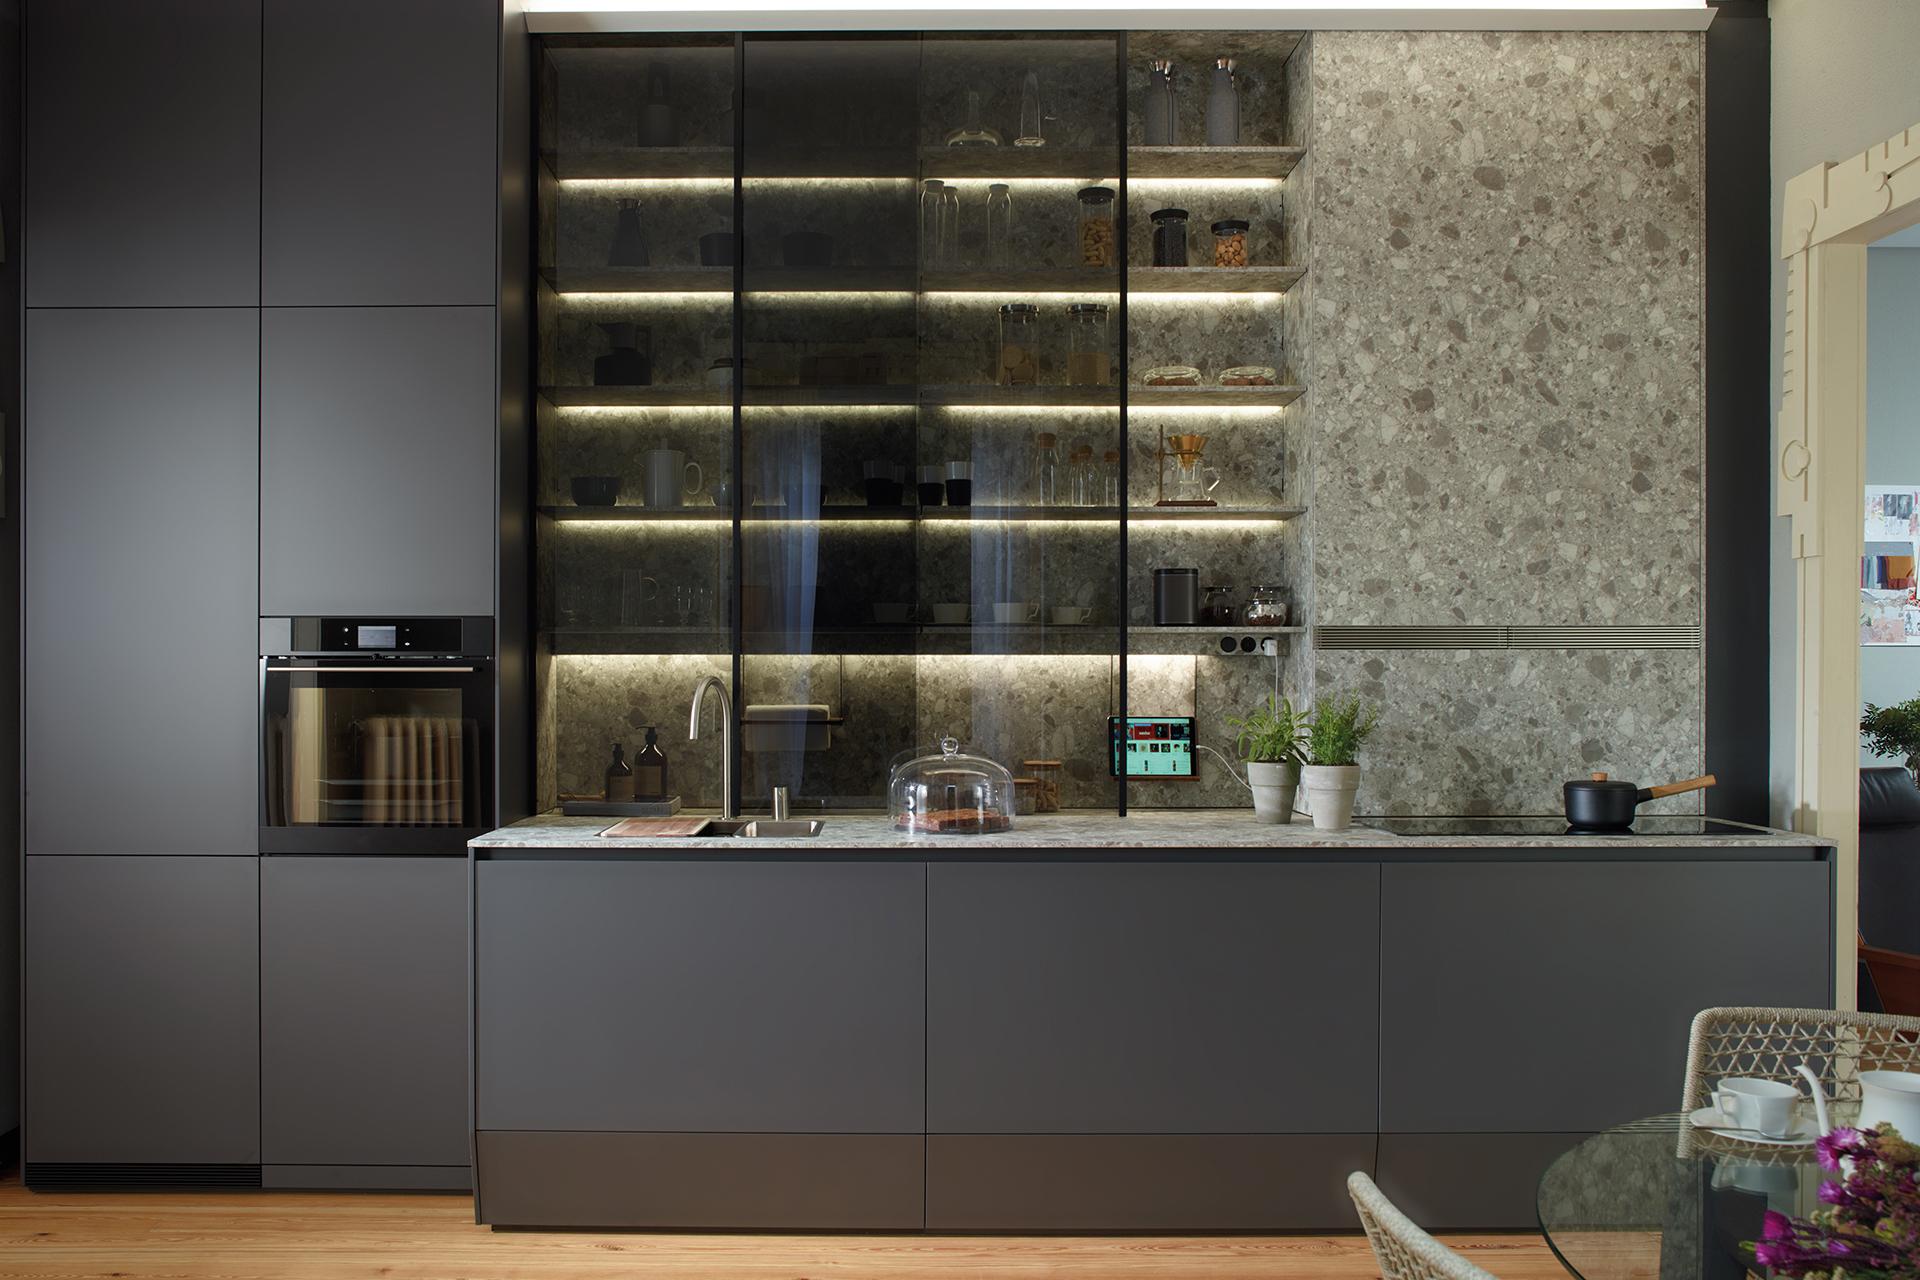 Grijze open keuken in lijn naar de woonkamer, ingericht met door Santos ontworpen meubels